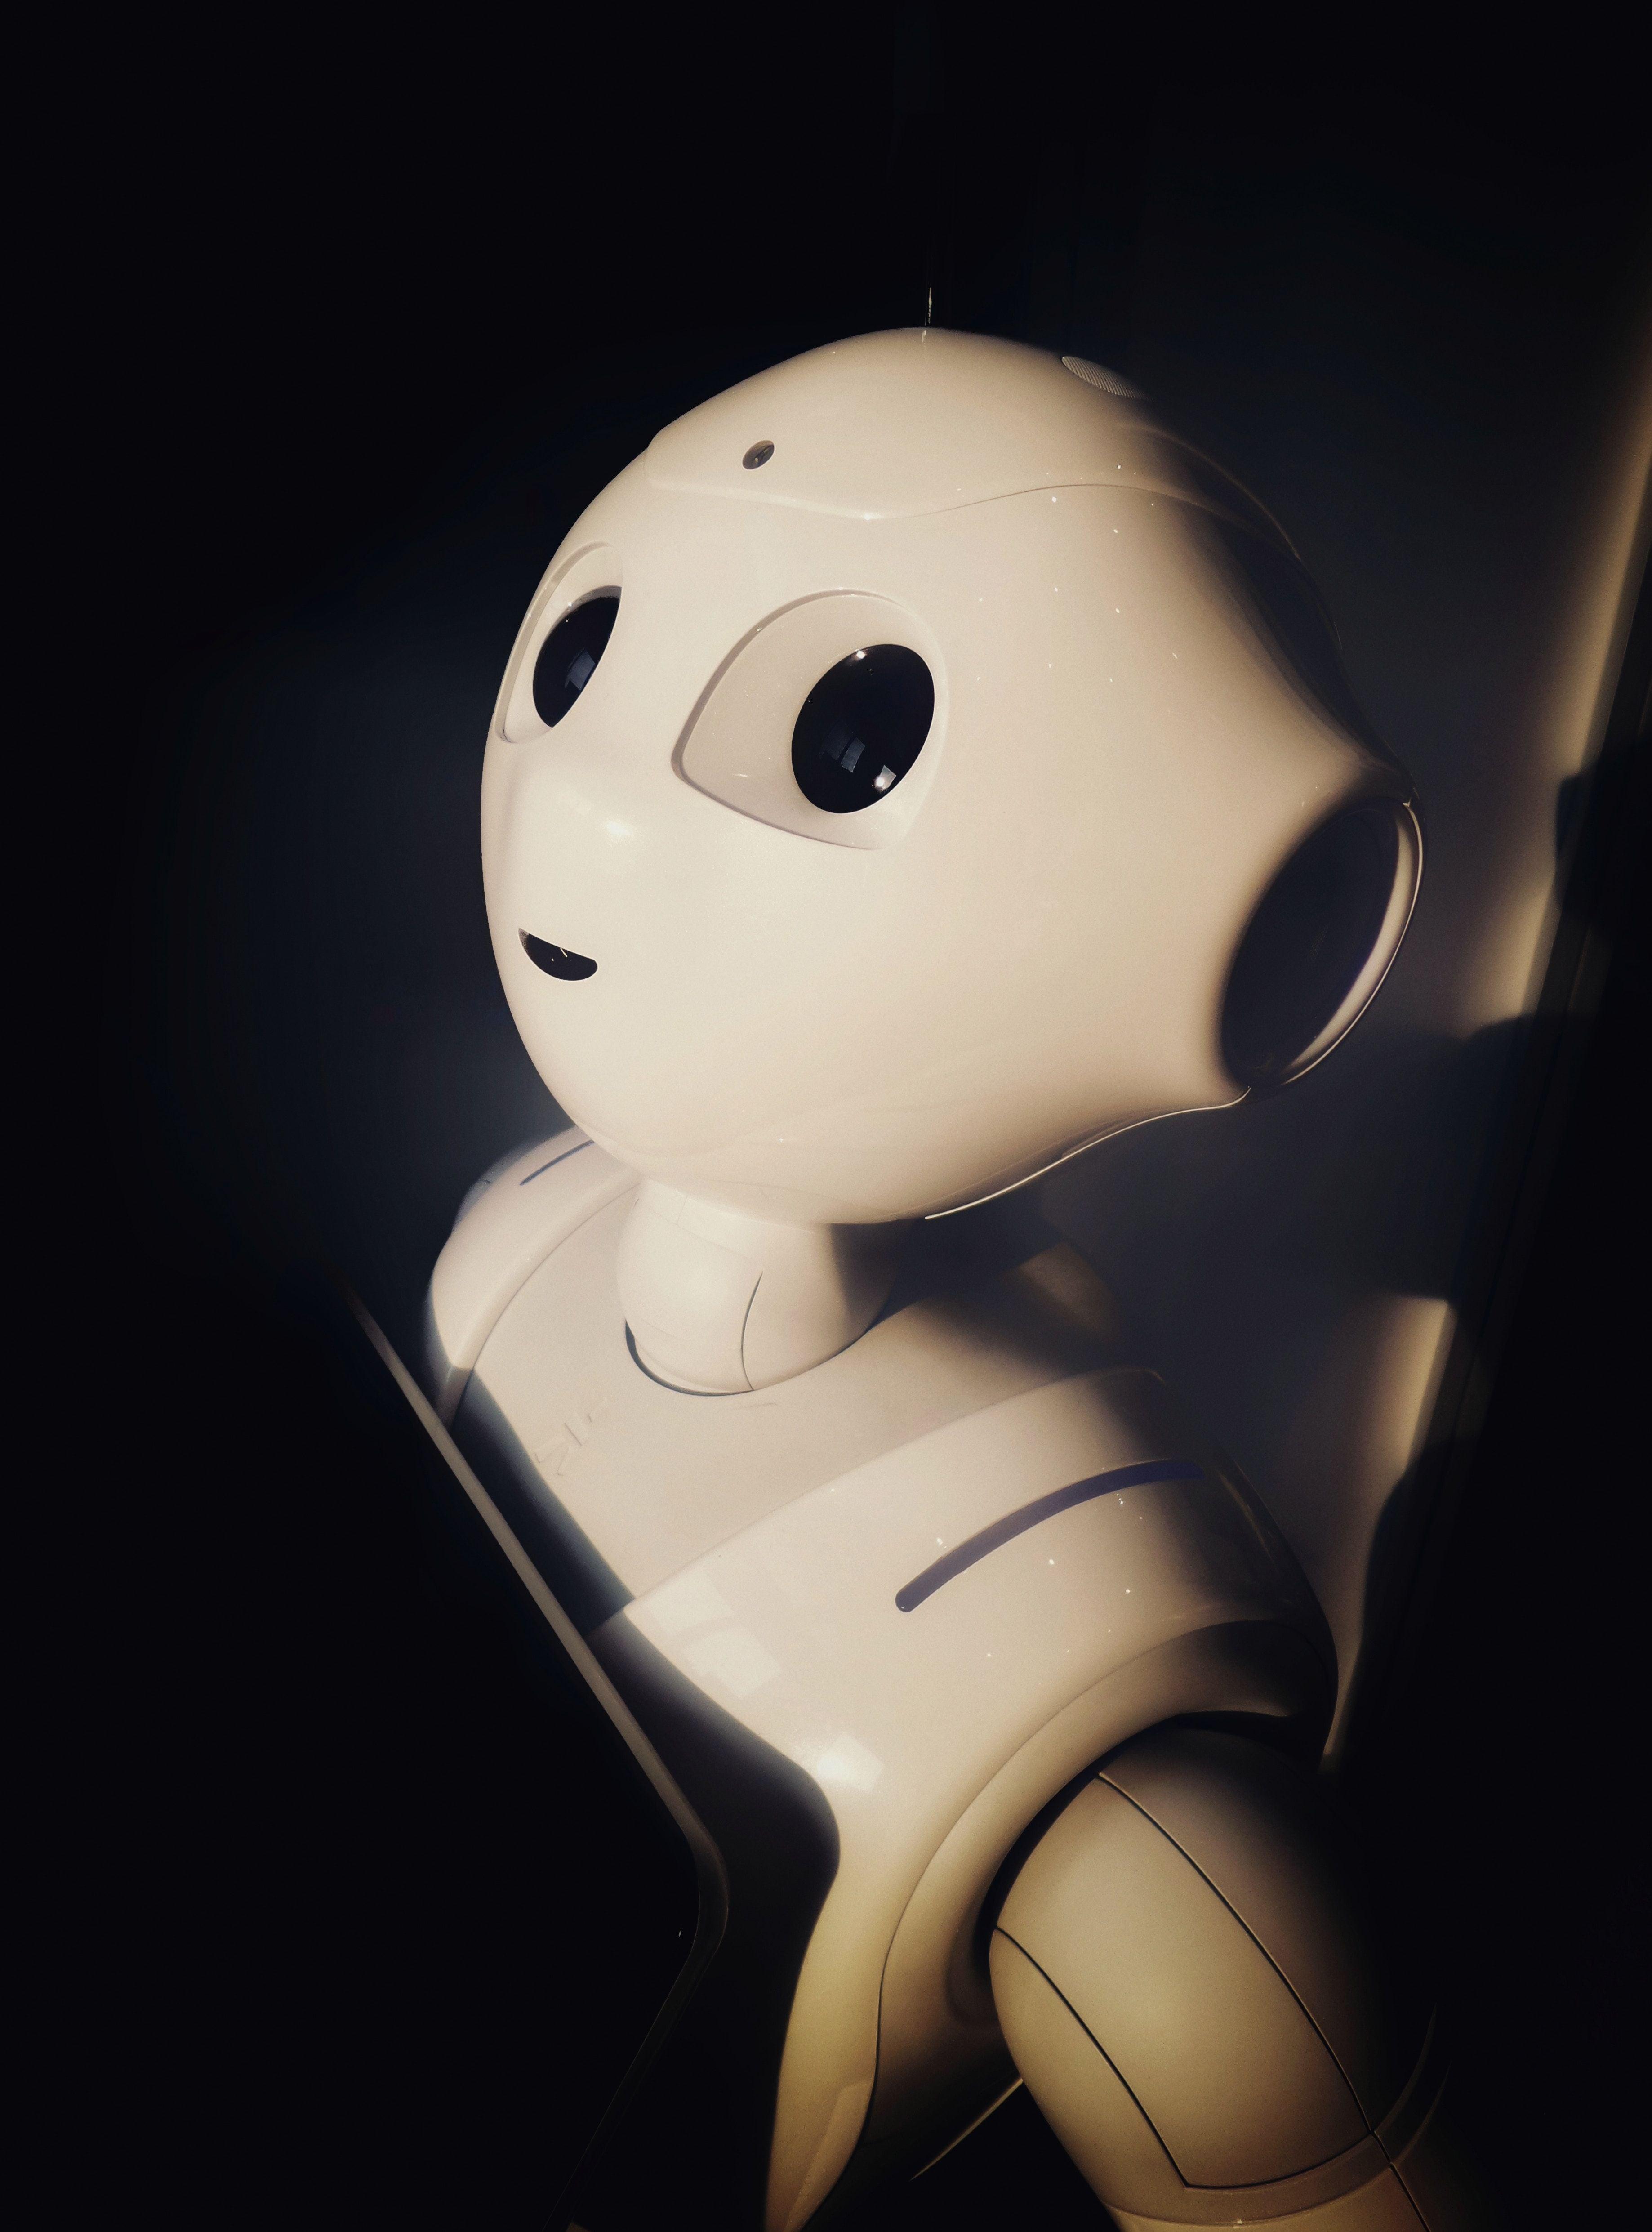 Intelligenza Artificiale e sviluppo etico: le linee guida dell'Unione Europea per una AI antropocentrica e affidabile